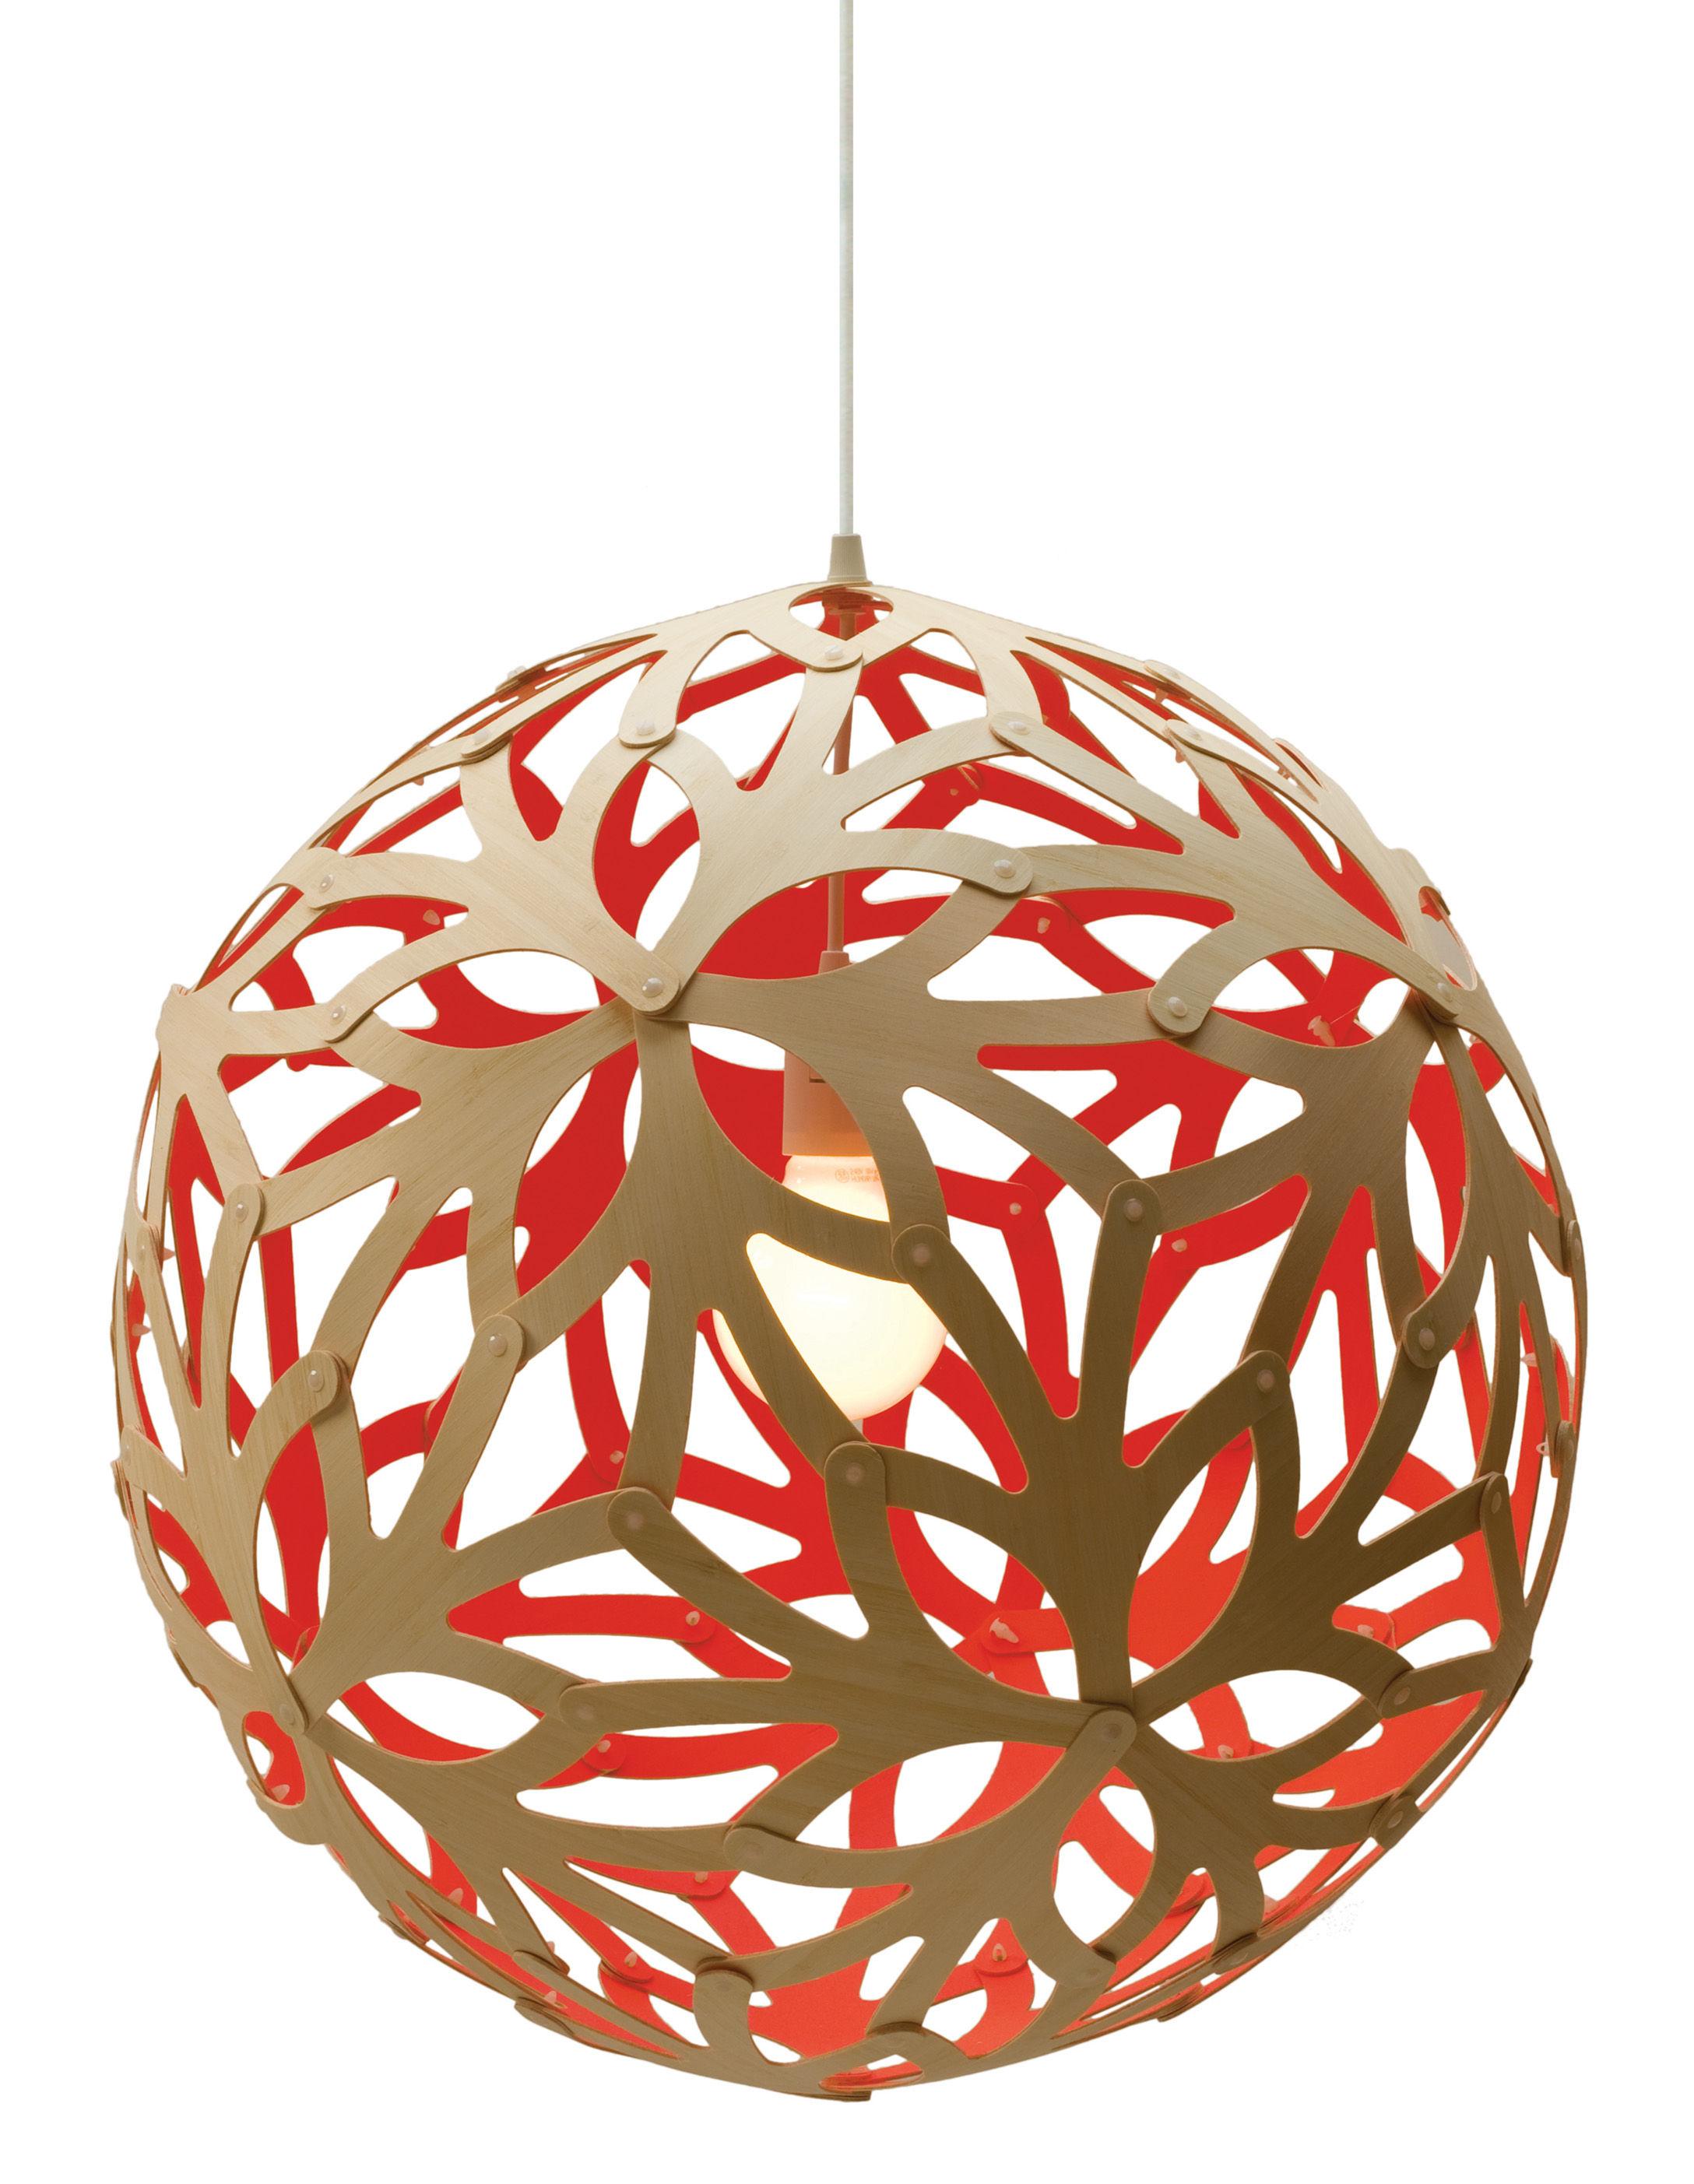 Leuchten - Pendelleuchten - Floral Pendelleuchte Ø 40 cm - Zweifarbig - Exklusiv - David Trubridge - Rot / Holz natur - Kiefer